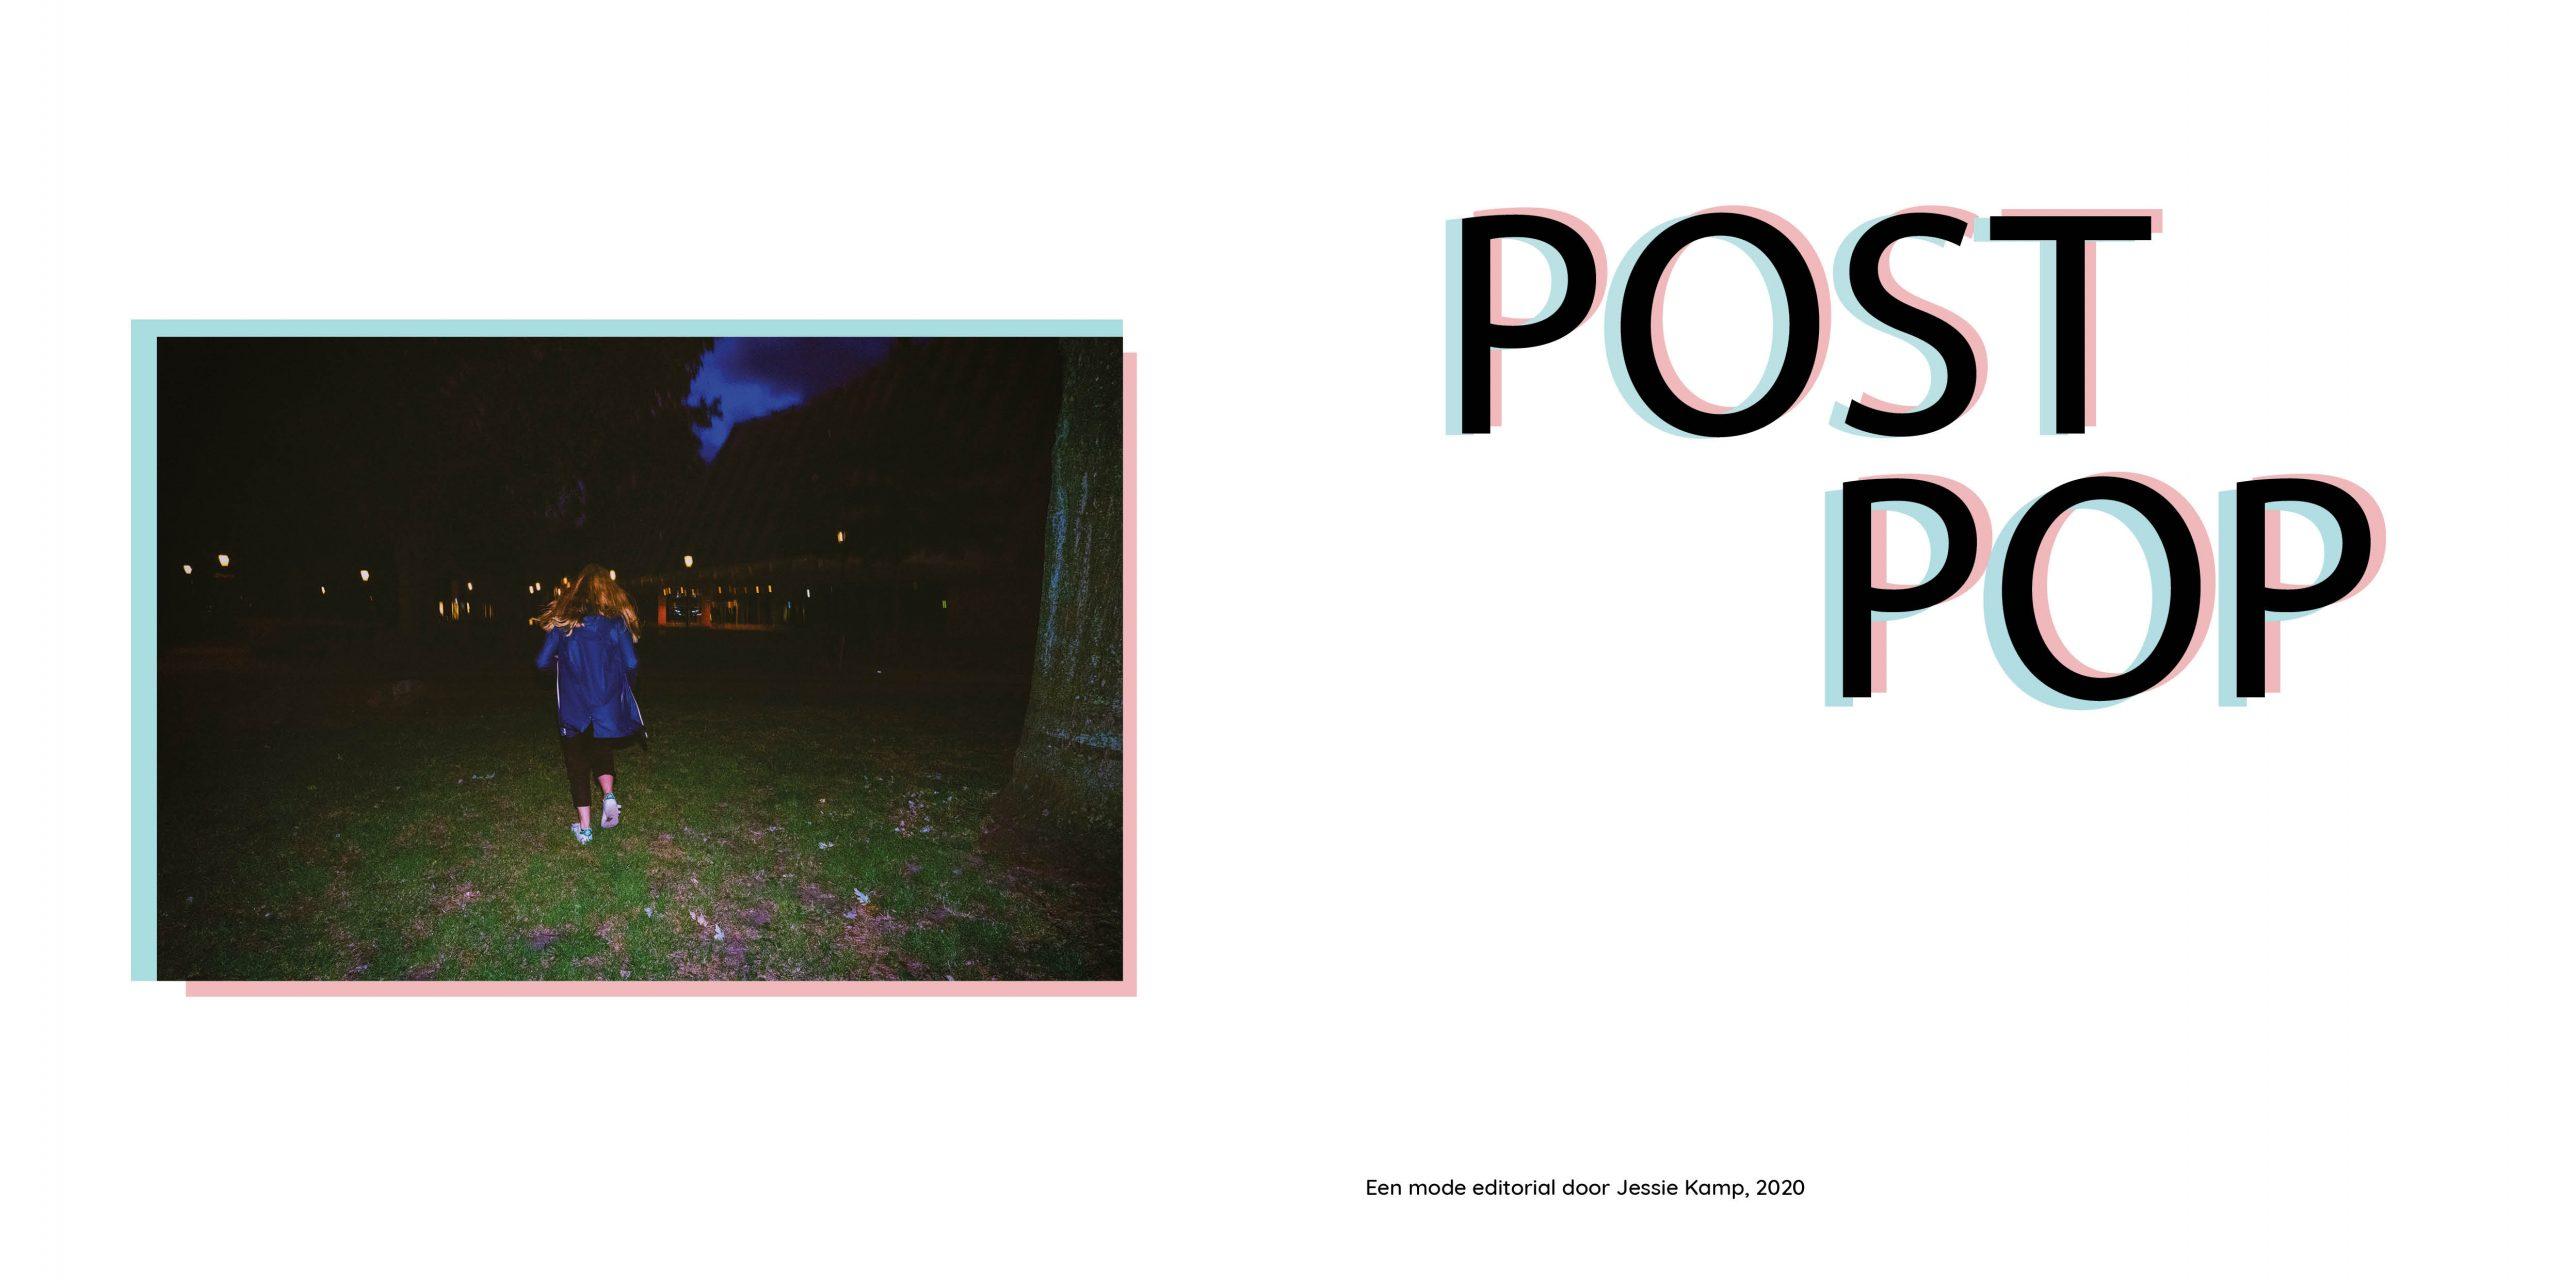 Postpop_06